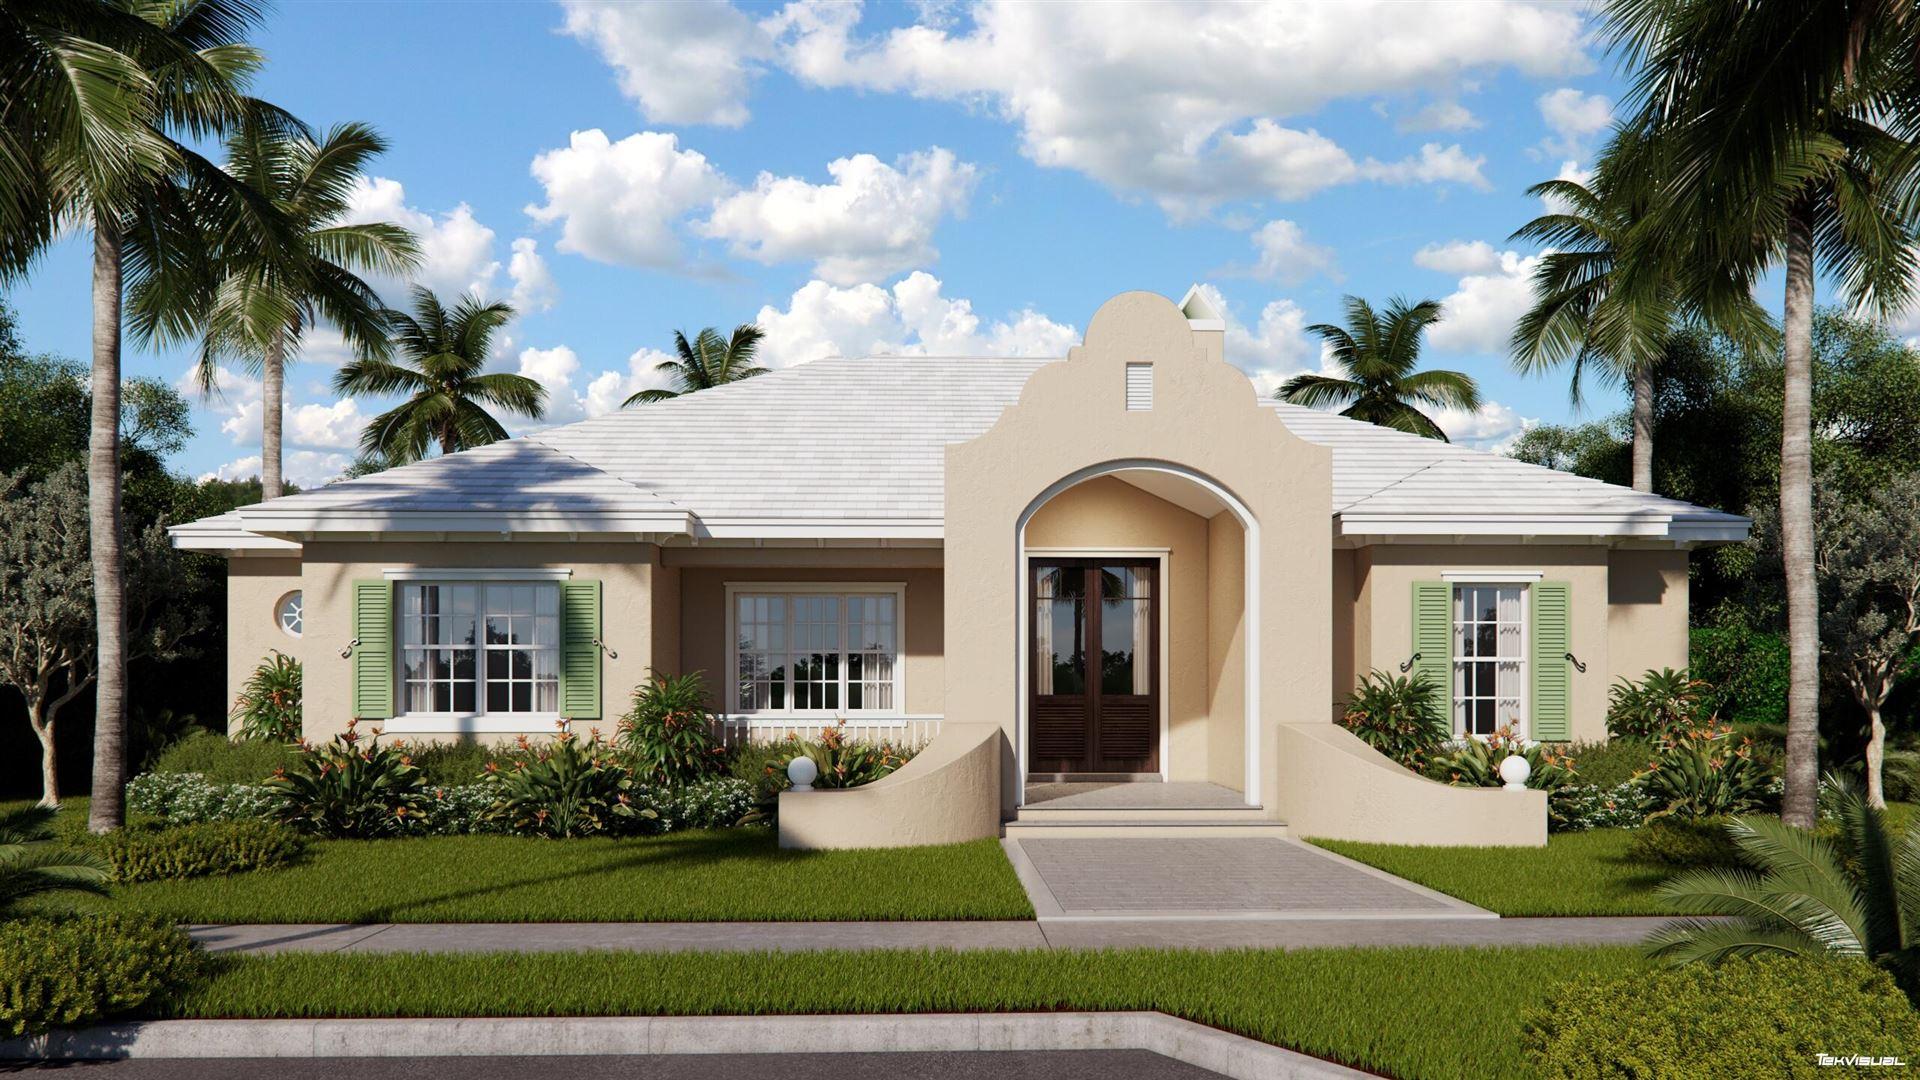 2612 Greenway Drive #356, Jupiter, FL 33458 - #: RX-10748137